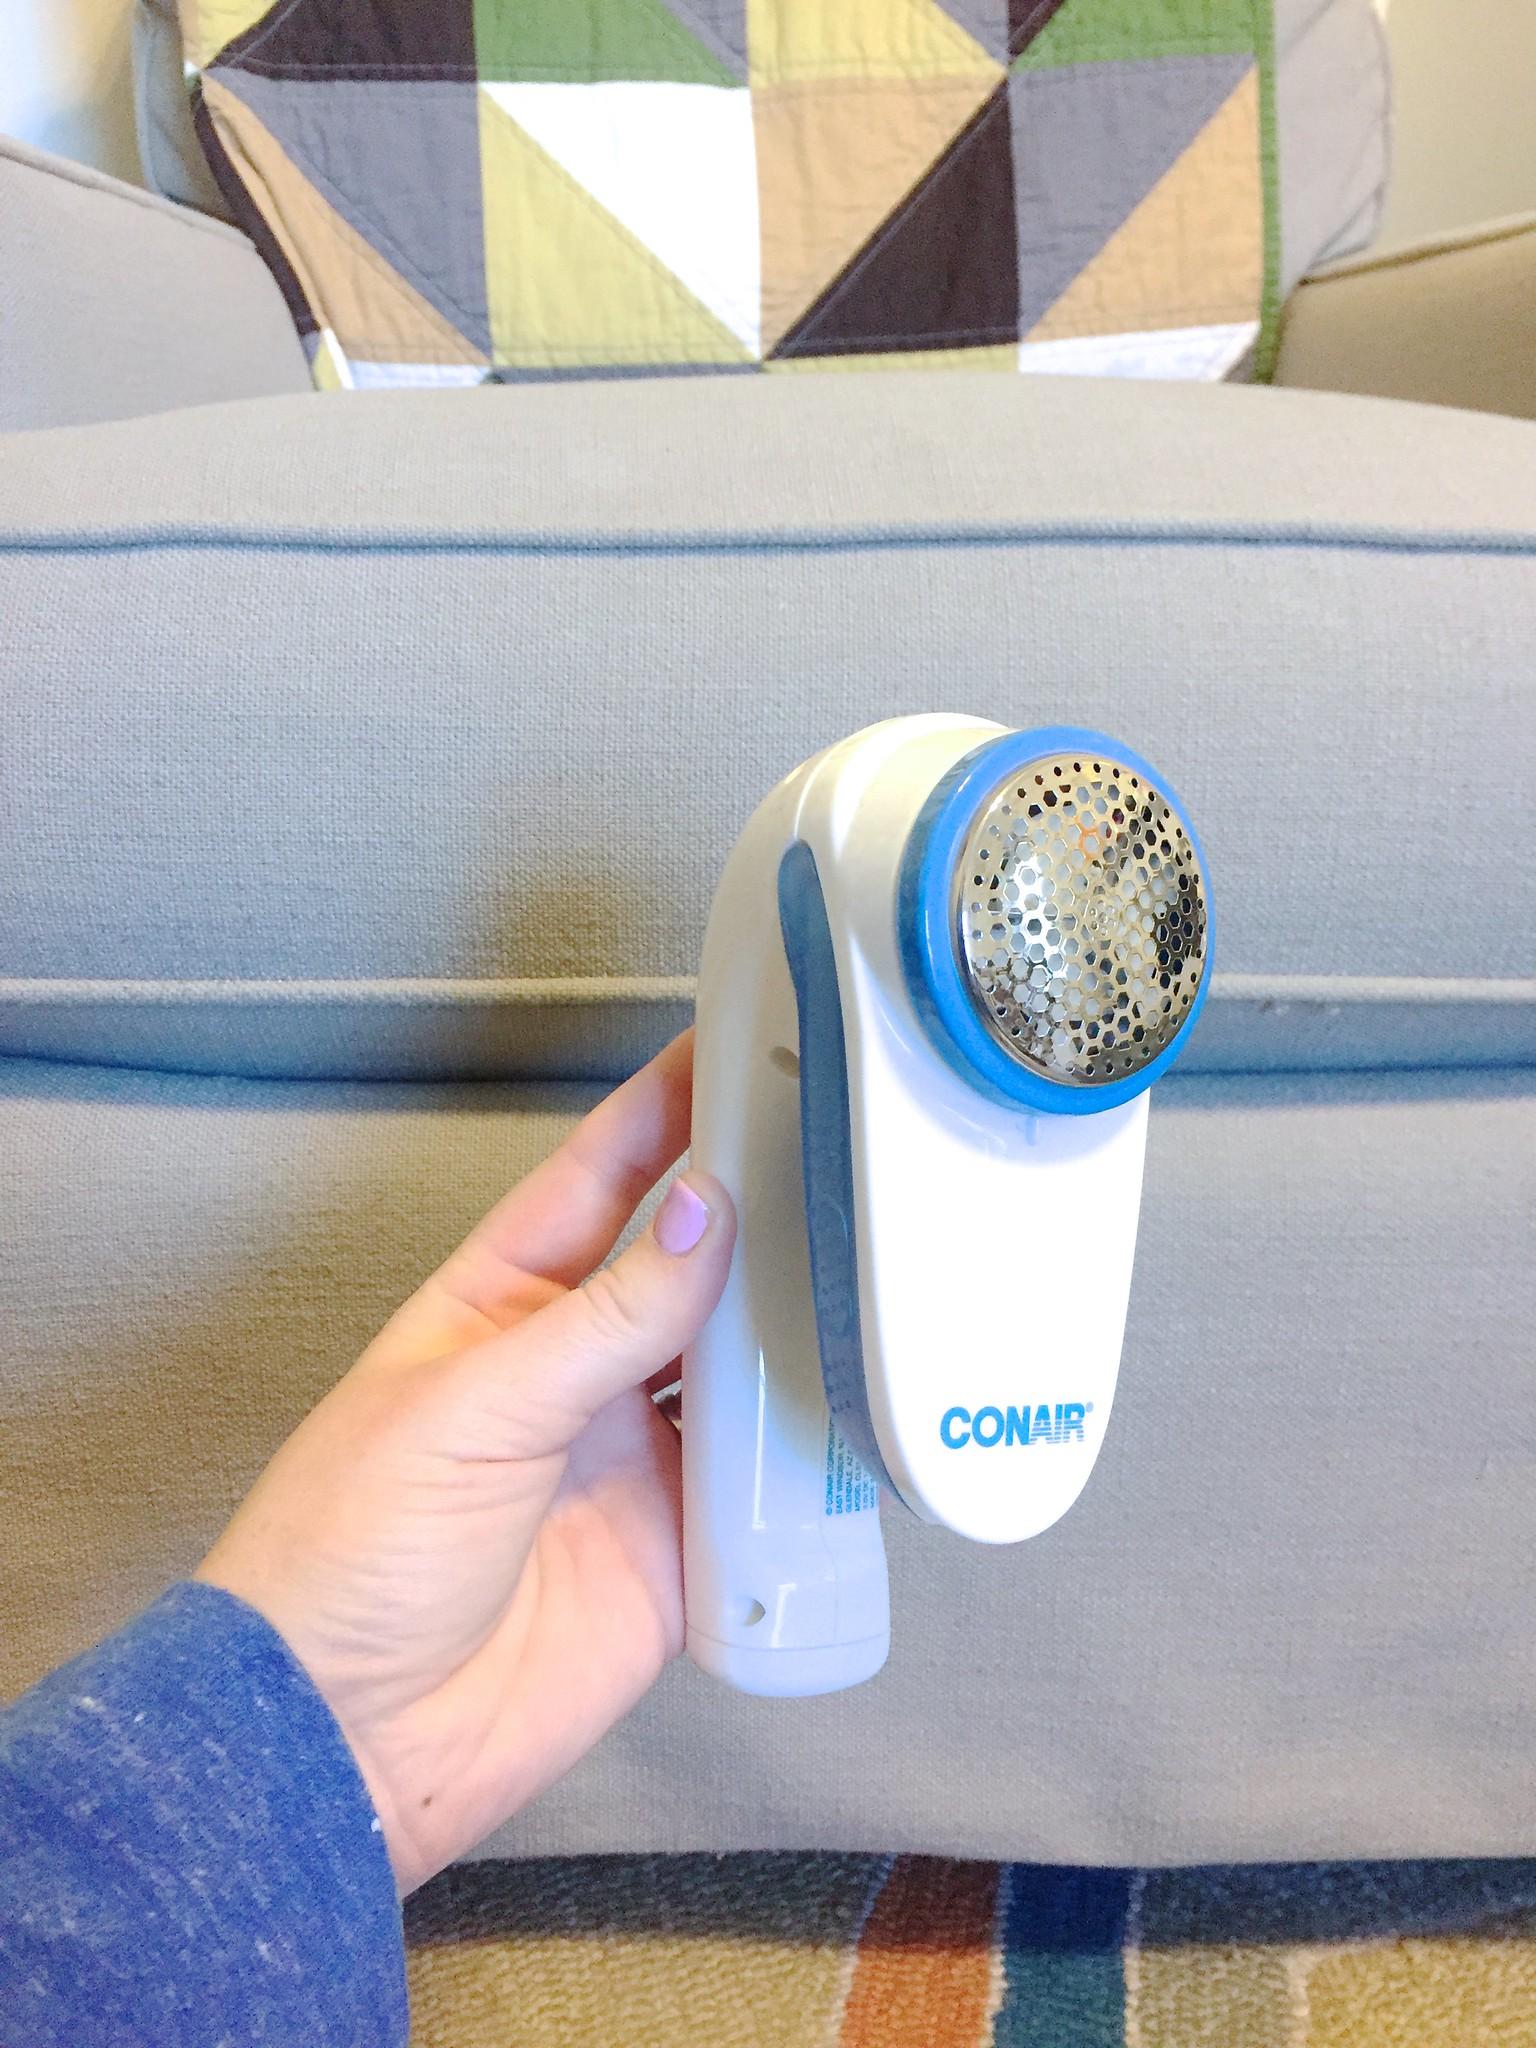 Conair Fabric Shaver